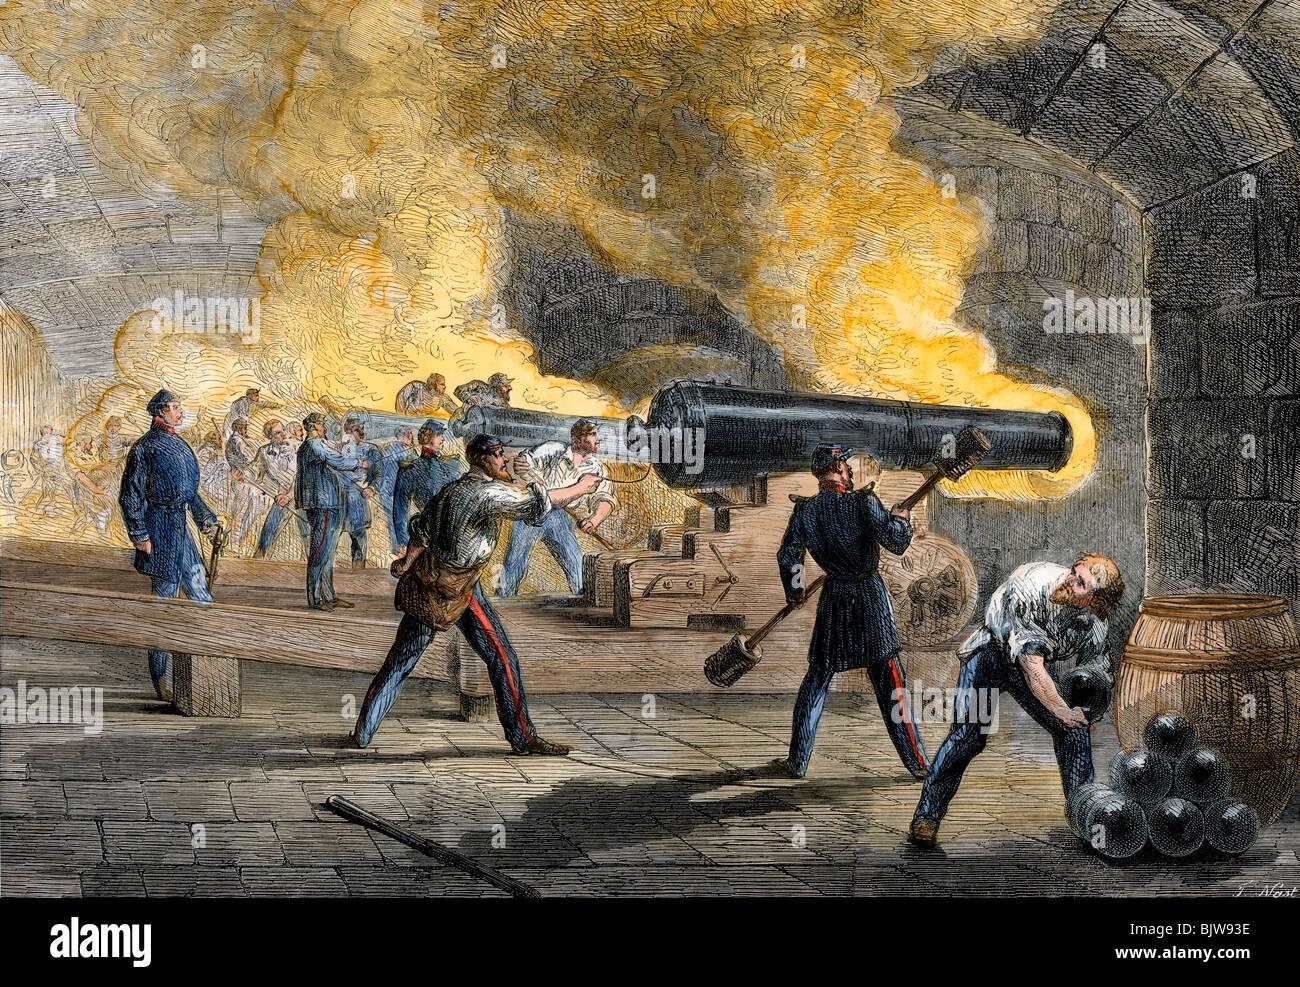 Armi di grosso calibro di Fort Sumter tornando fire da Fort Moultrie all inizio della guerra civile, 1861 Immagini Stock